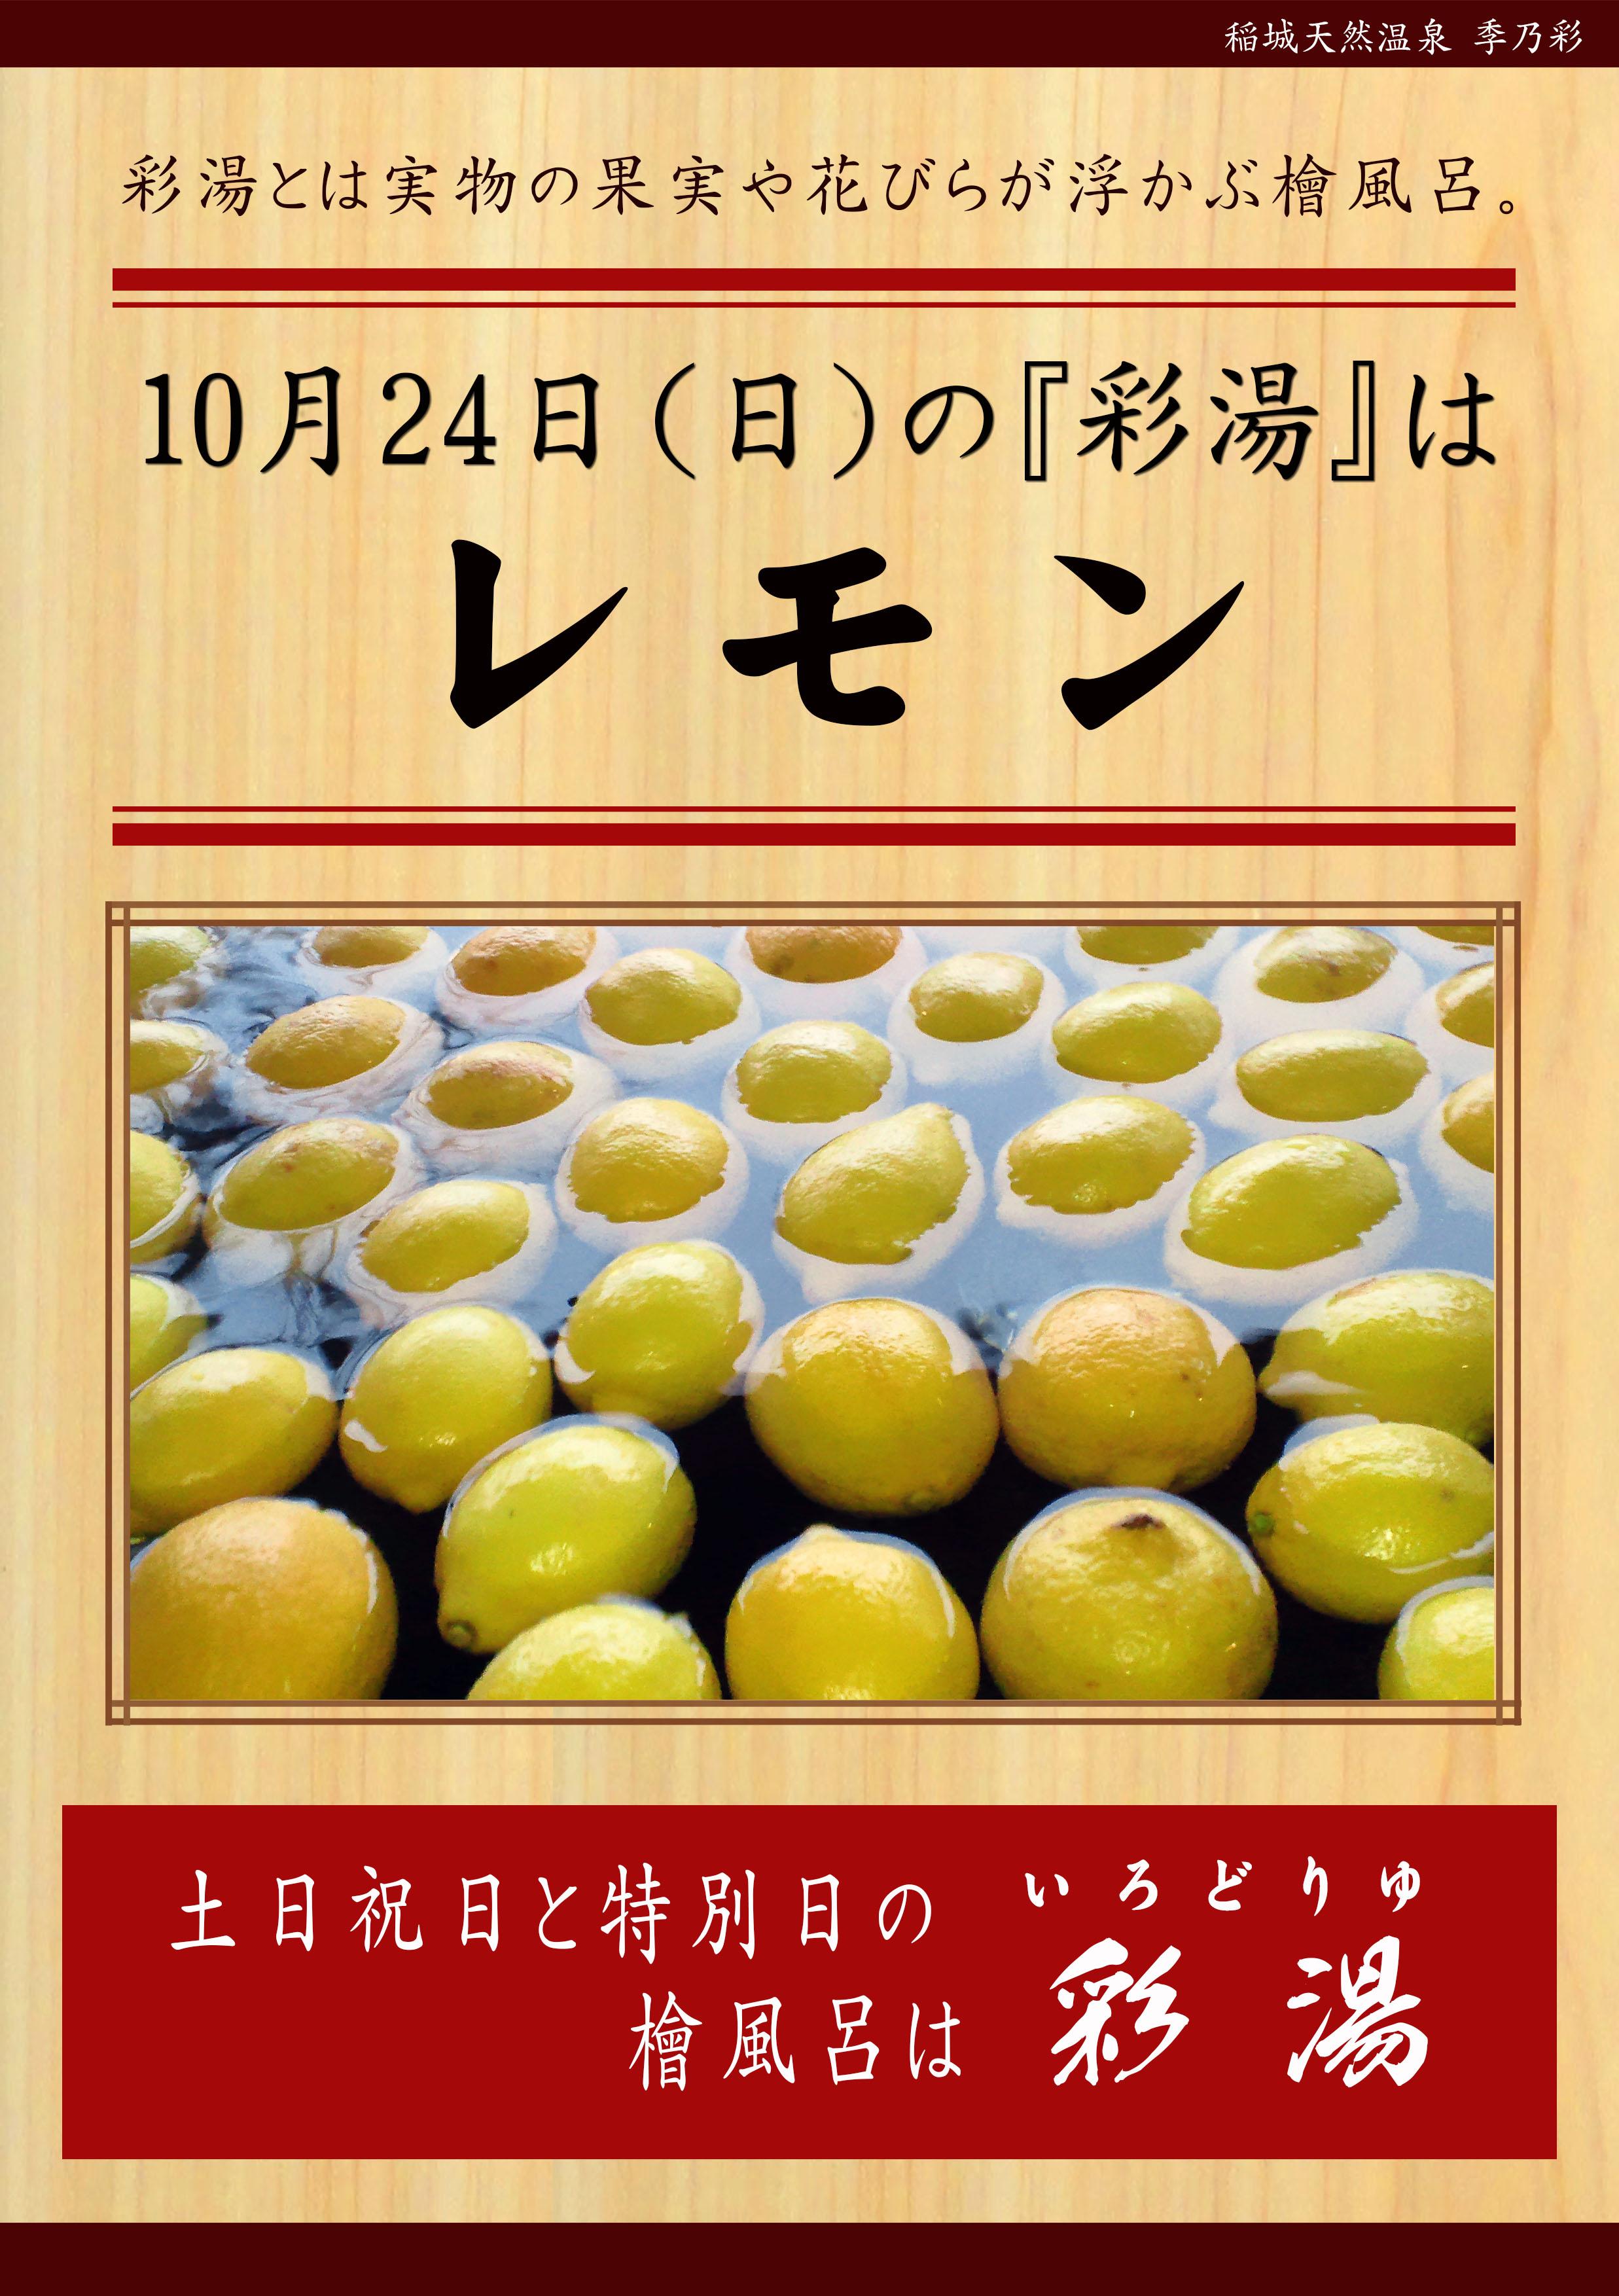 20211024 POP イベント 彩湯 レモン